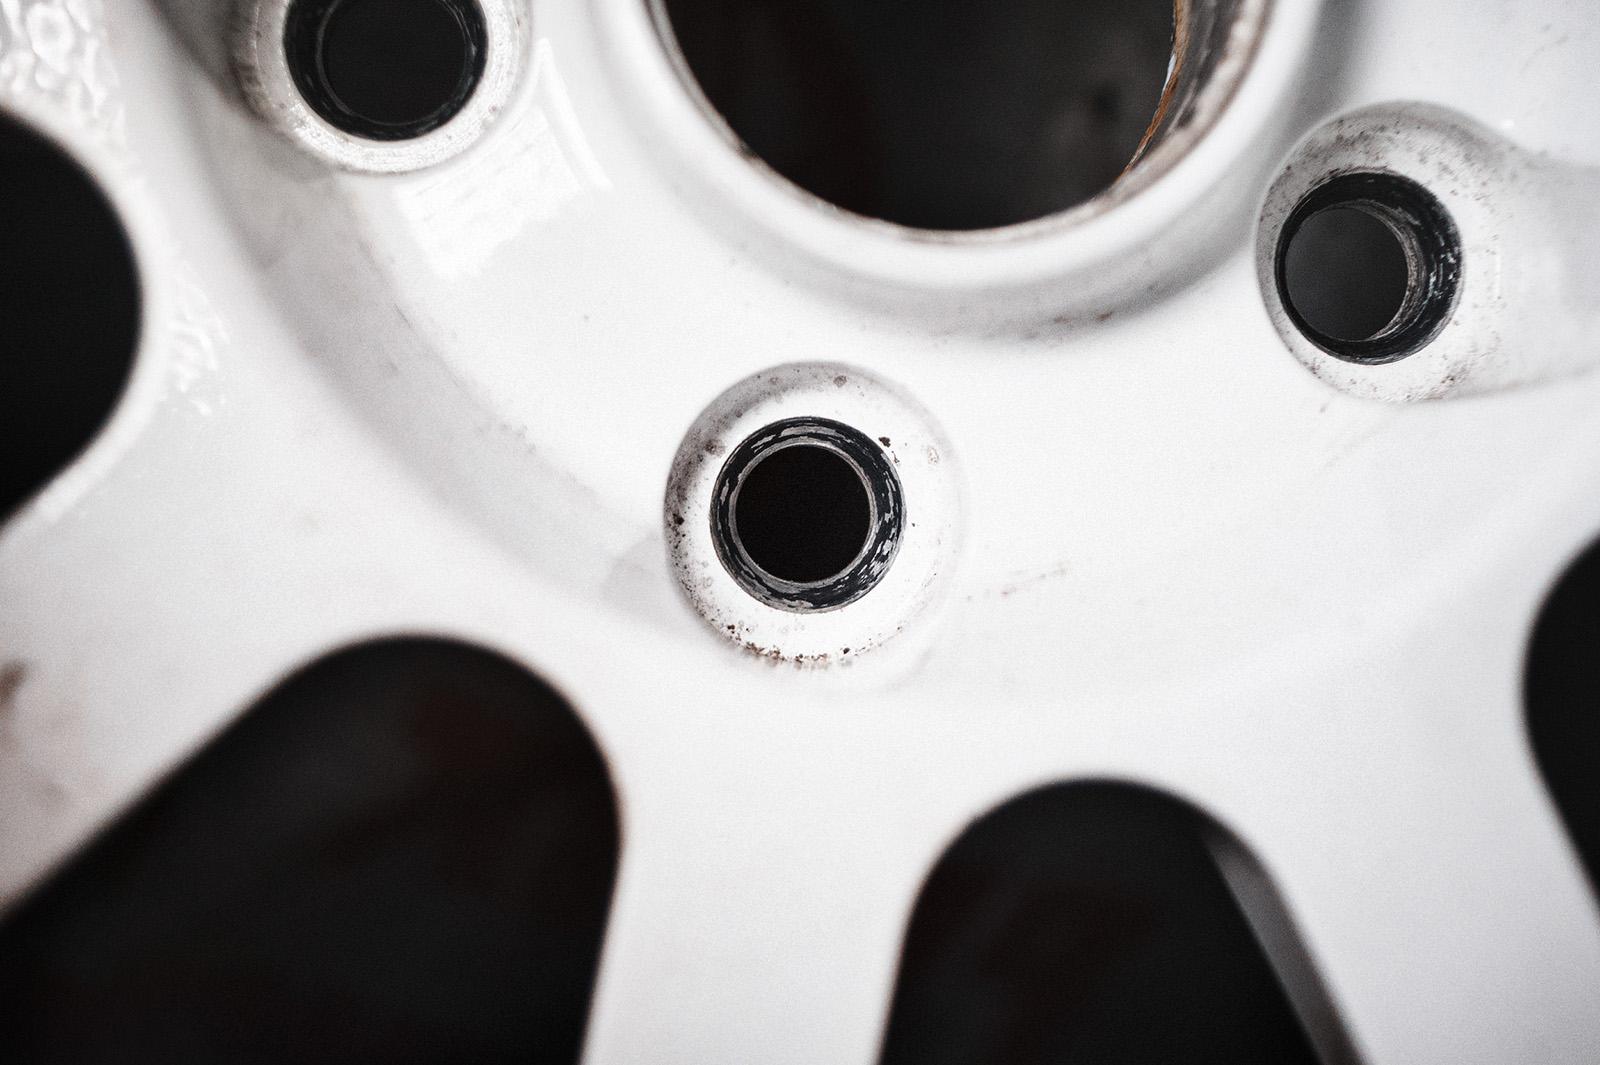 Замена колёсных дисков Сеат Алтеа – опасный шиномонтаж